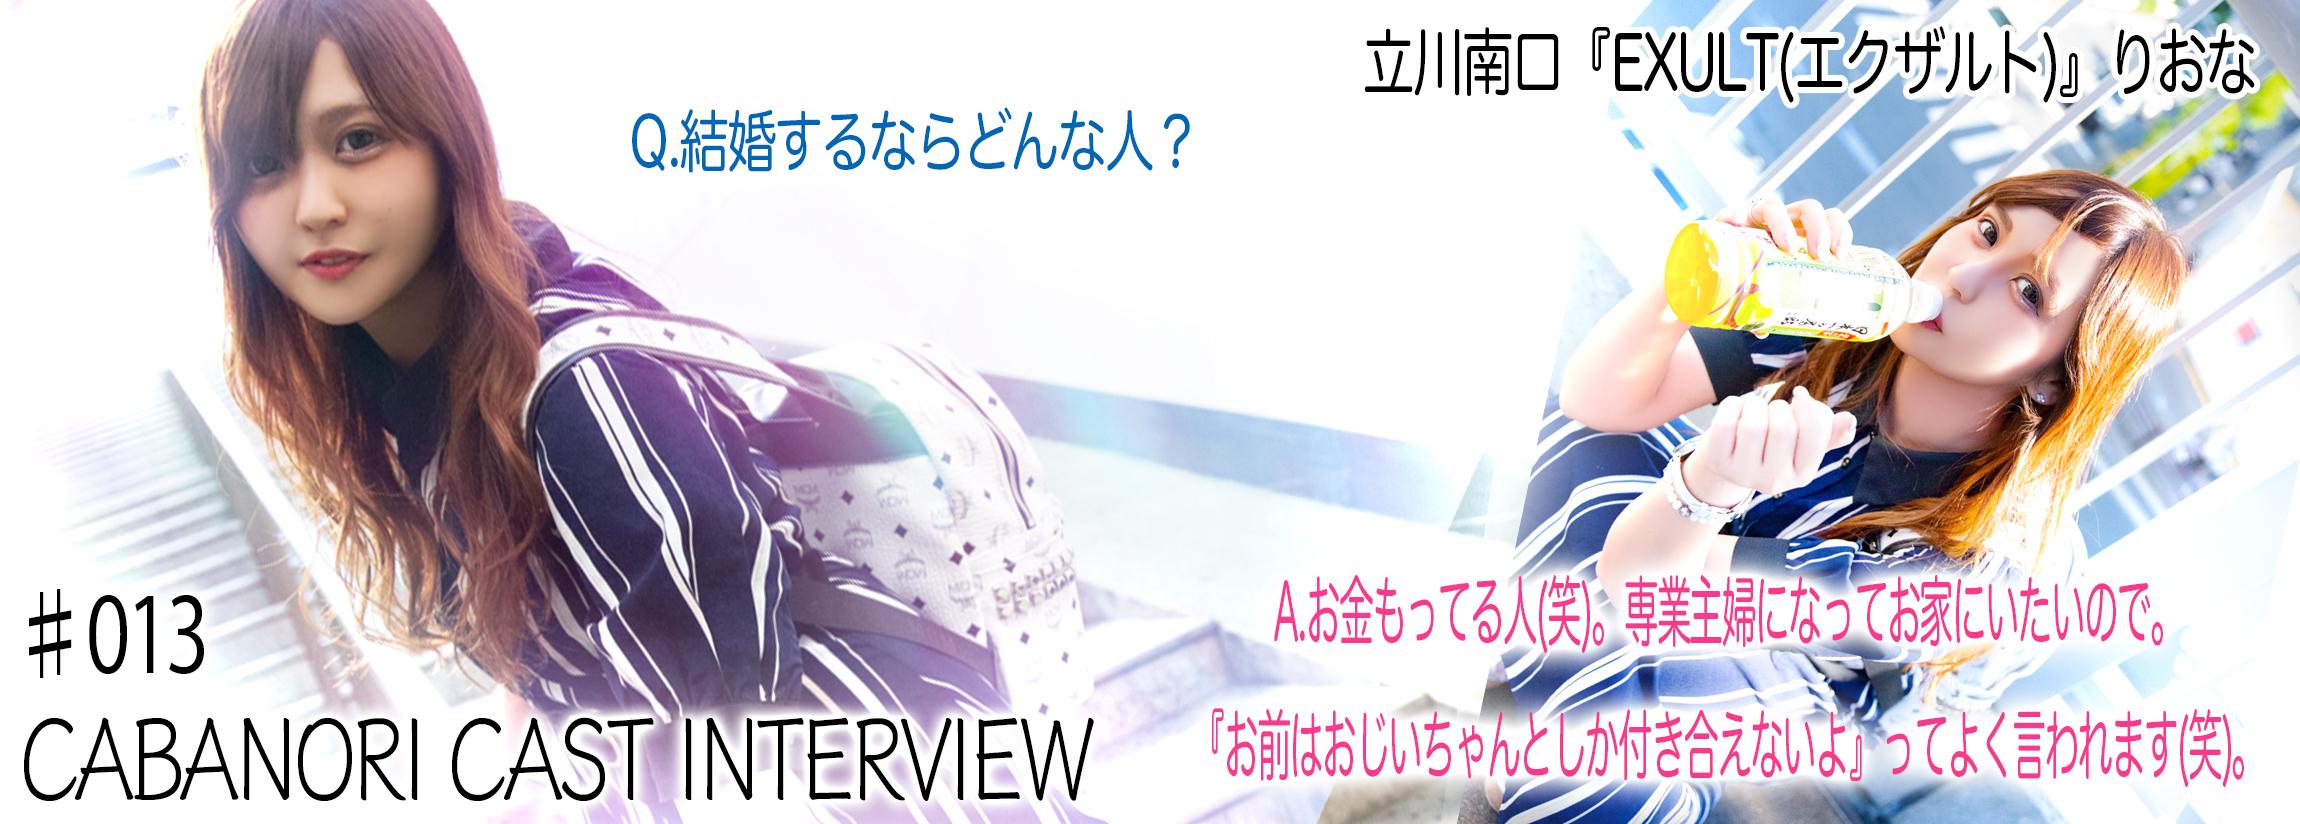 【CAST INTERVIEW】立川南口『EXULT(エクザルト)』りおな